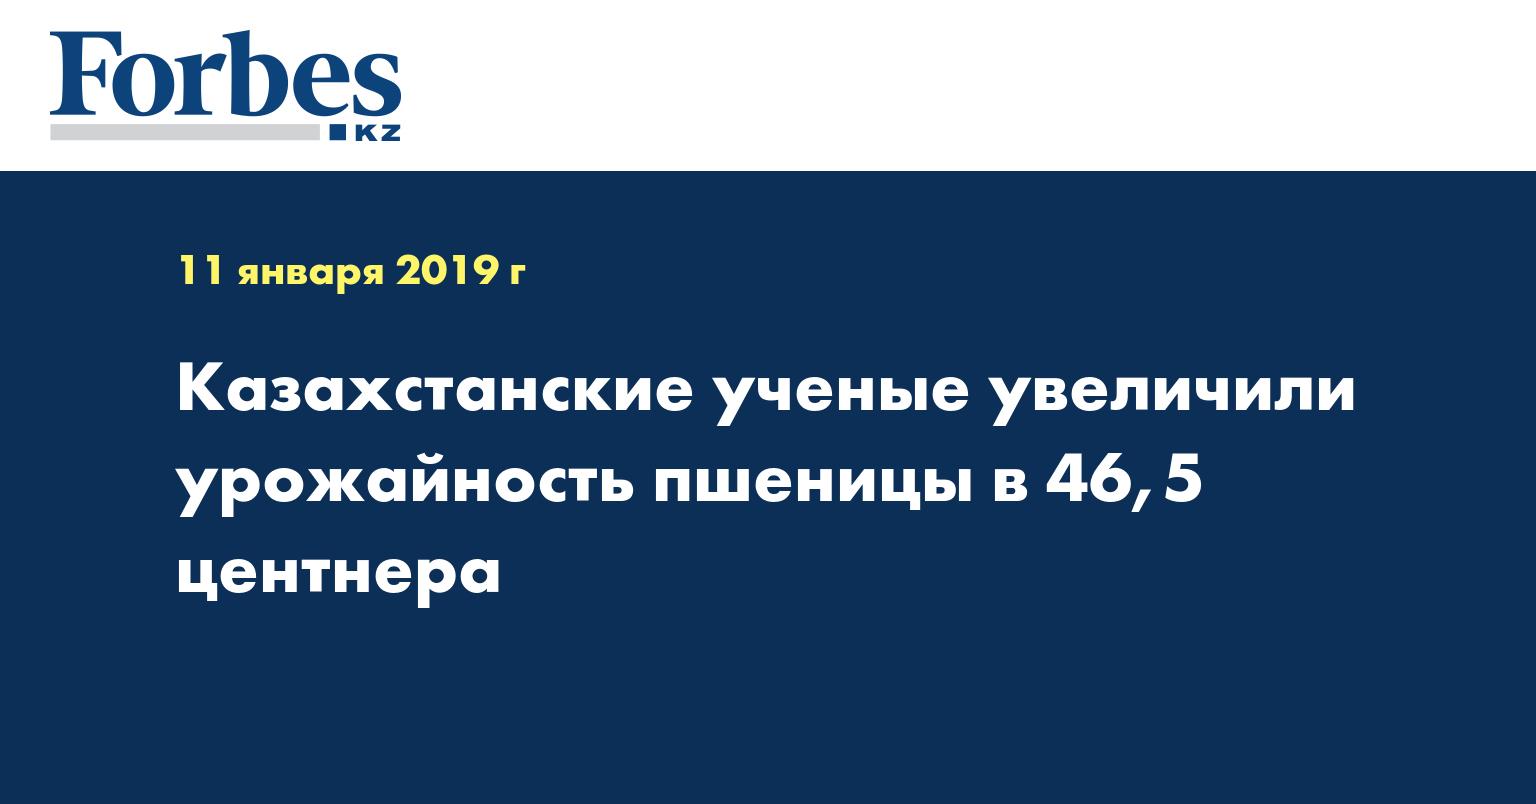 Казахстанские ученые увеличили урожайность пшеницы в 46,5 центнера